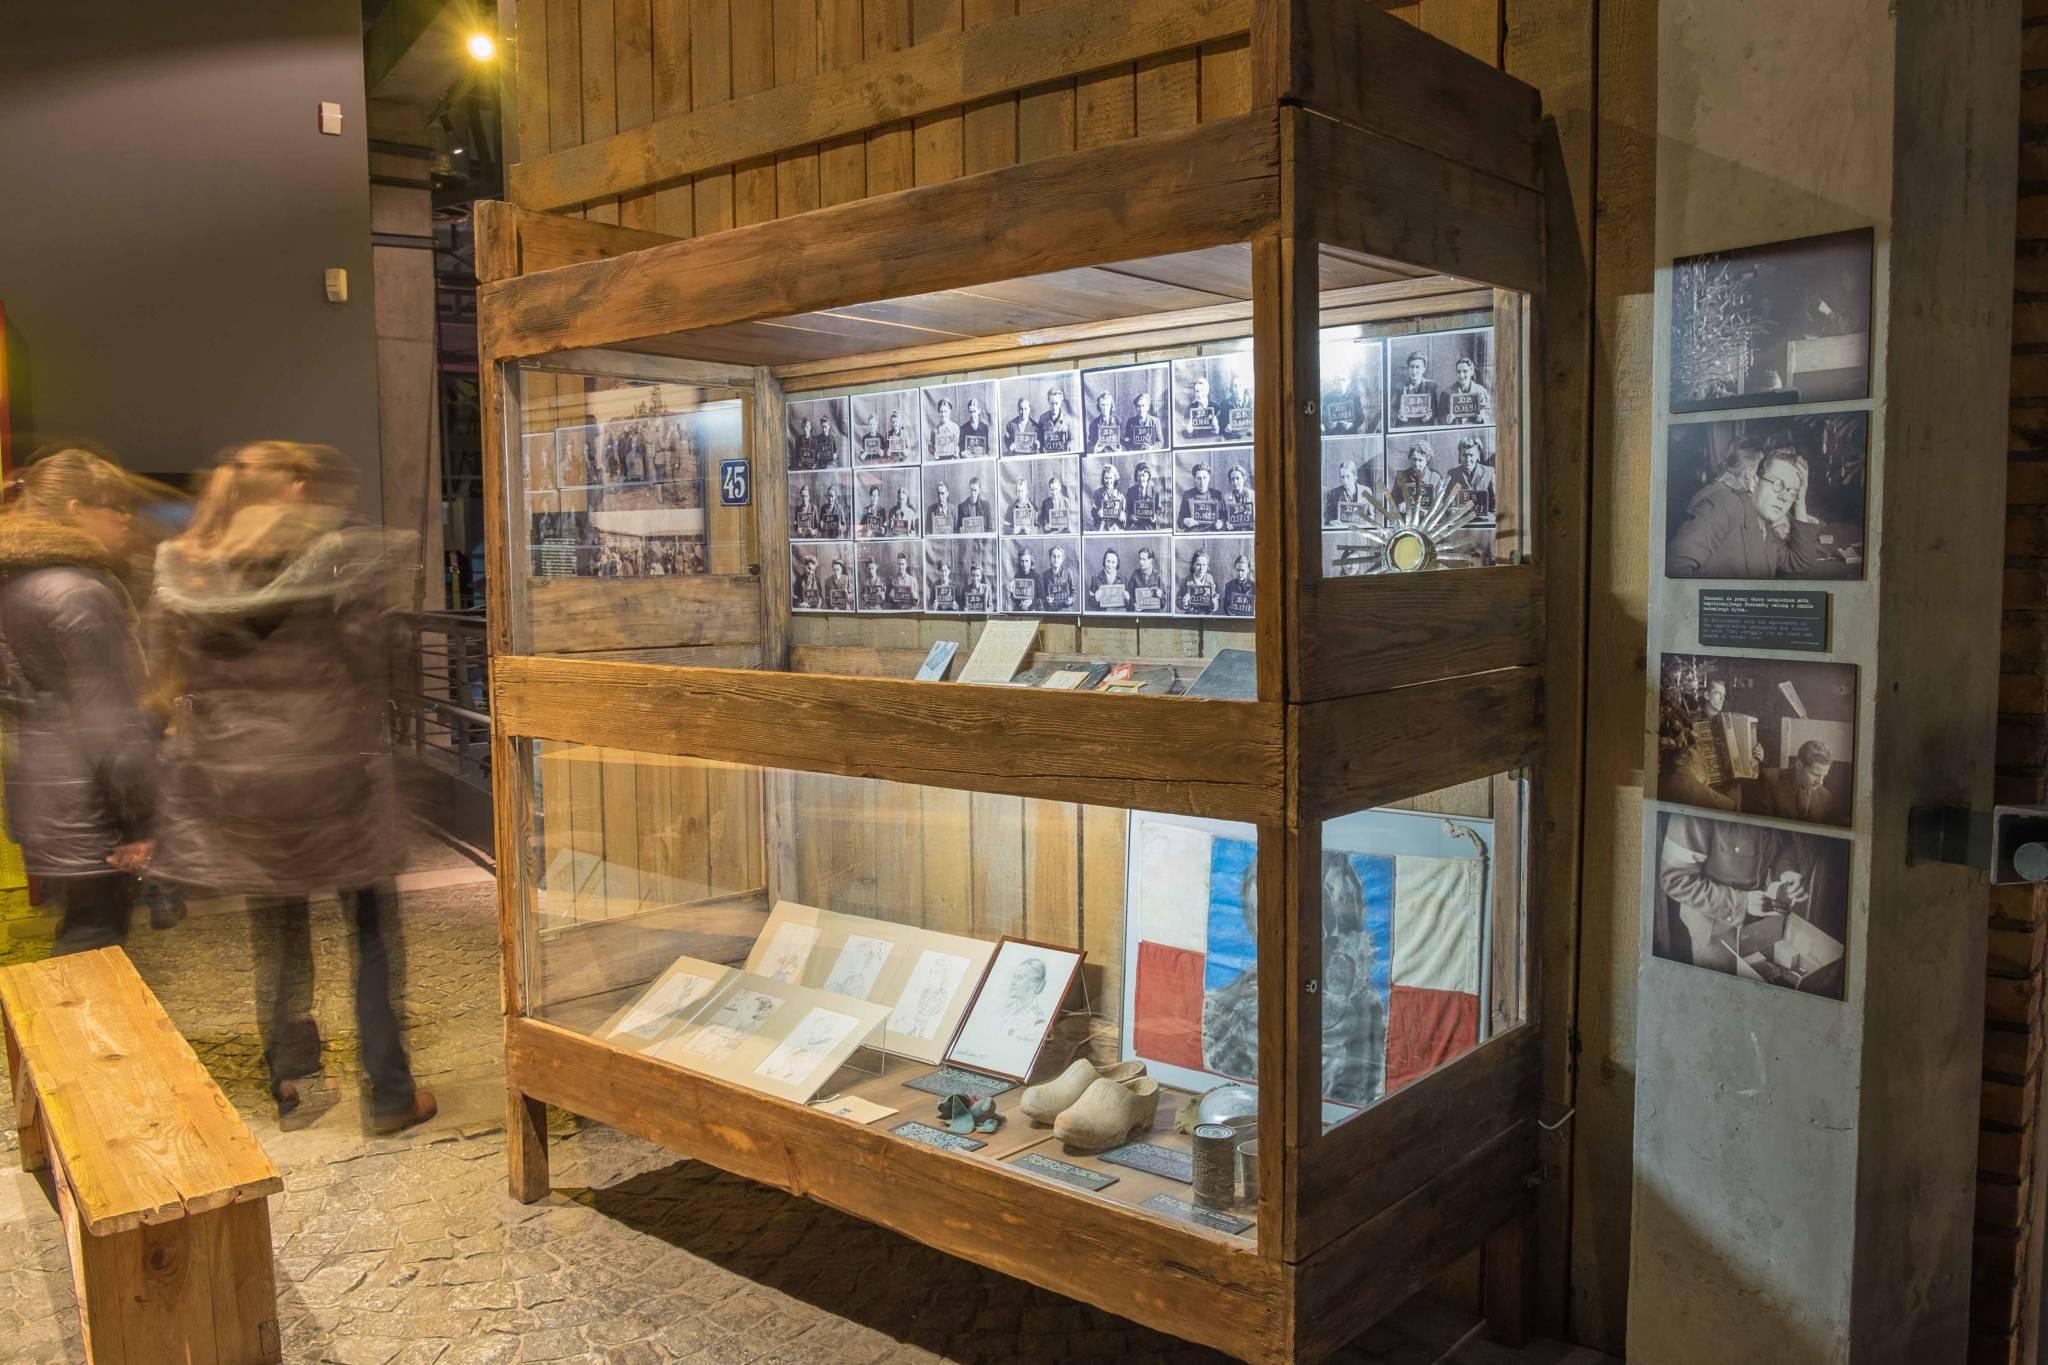 Muzeum Powstania Warszawskiego lr (13 of 37)